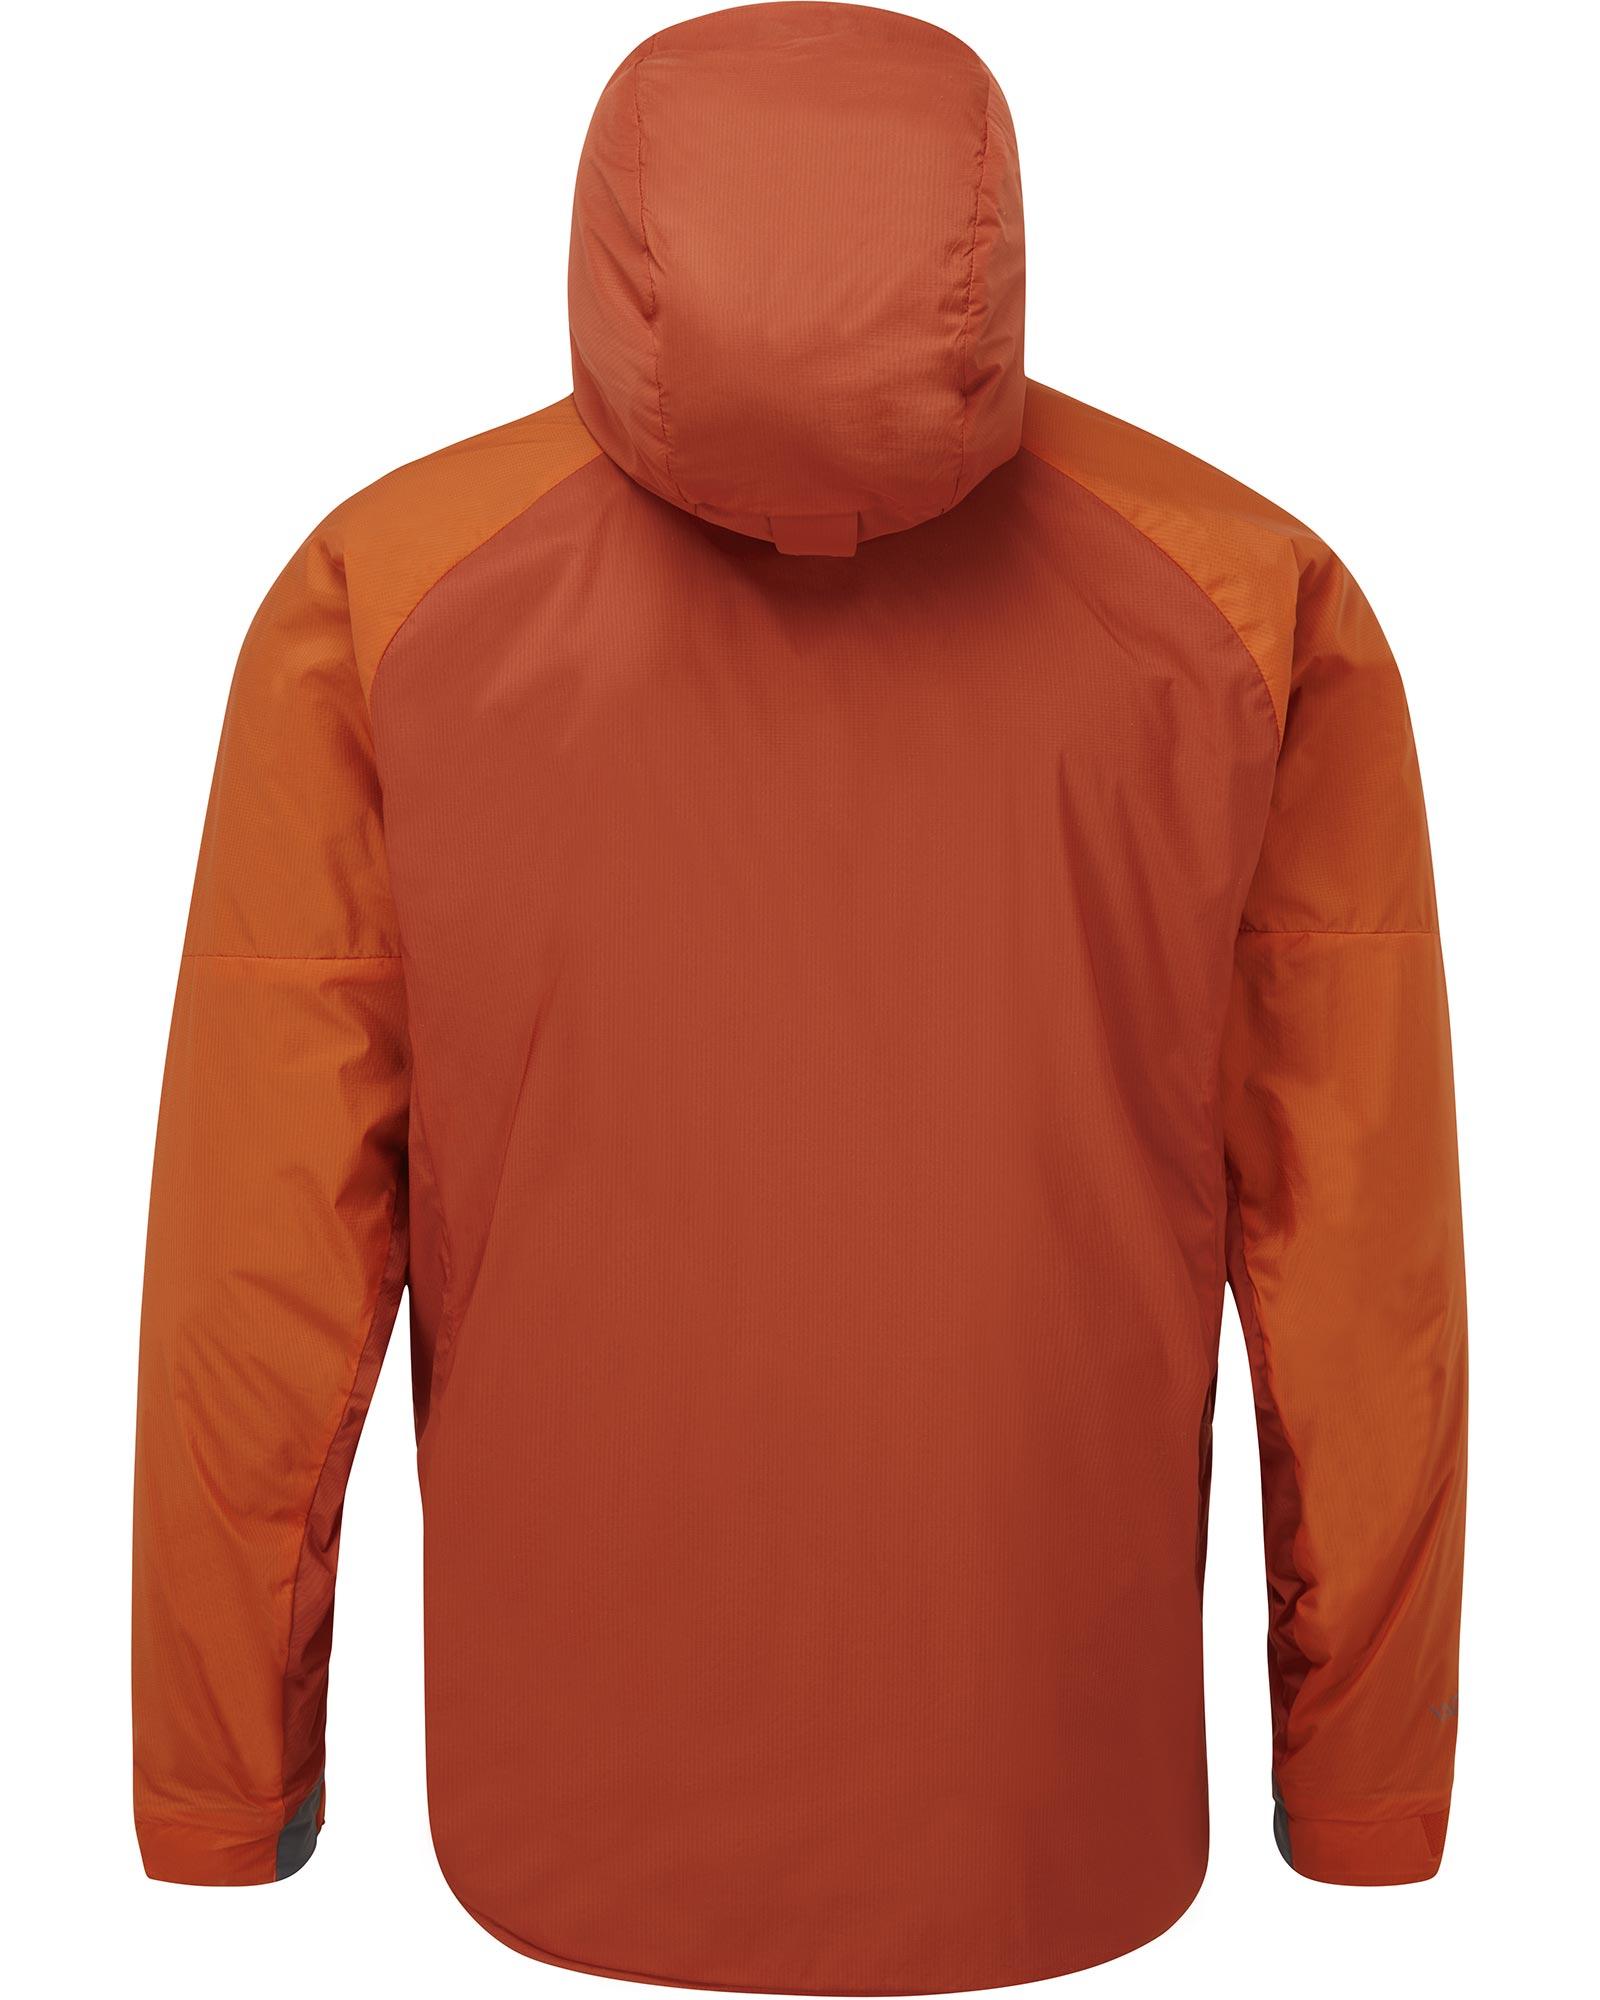 Rab Vapour-Rise Summit Men's Jacket